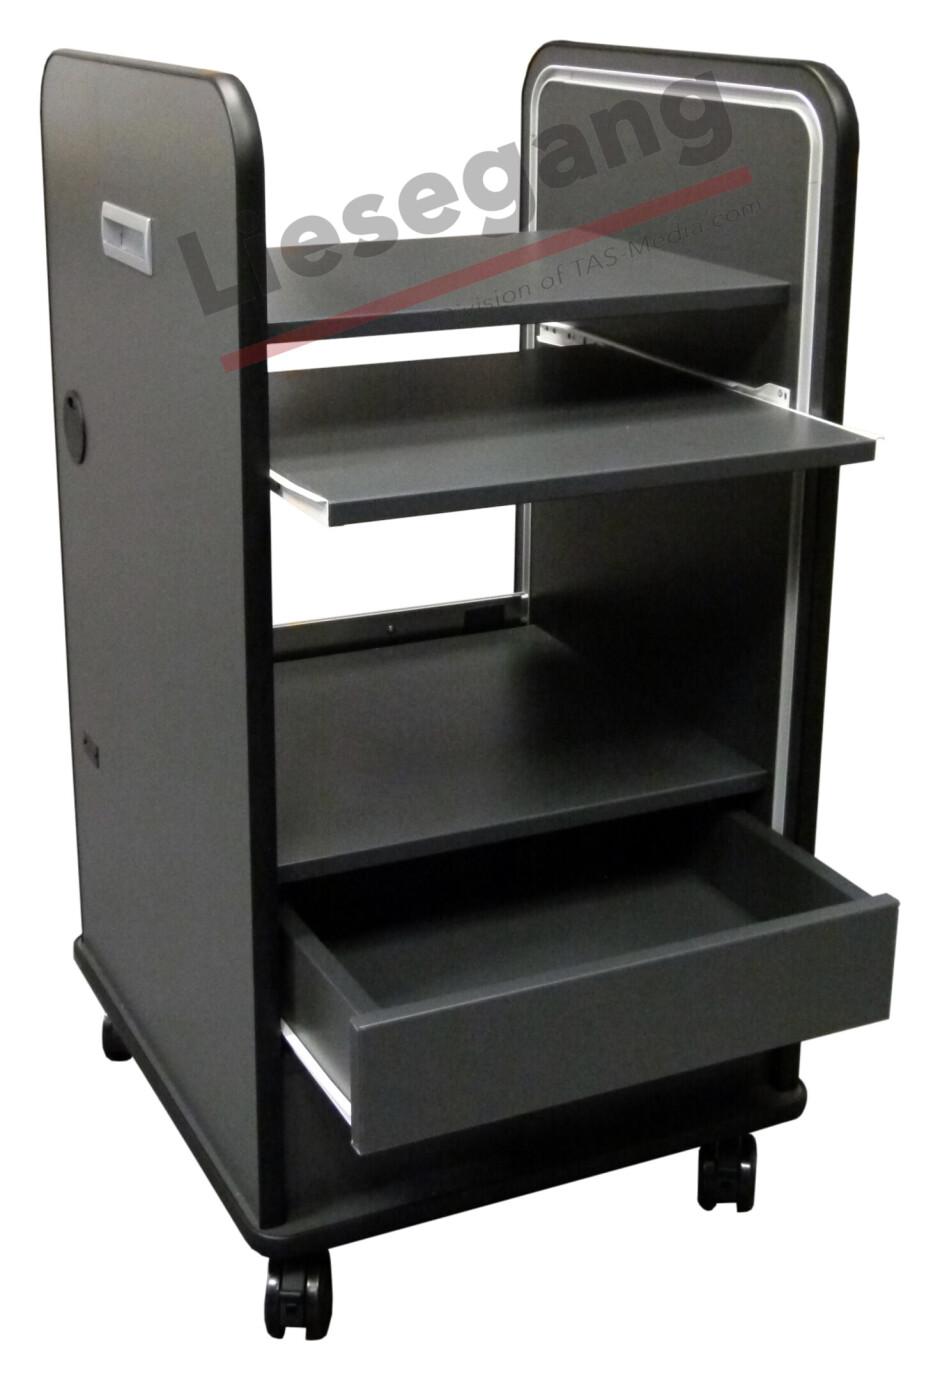 Liesegang Transporte multimedia MC53 gris